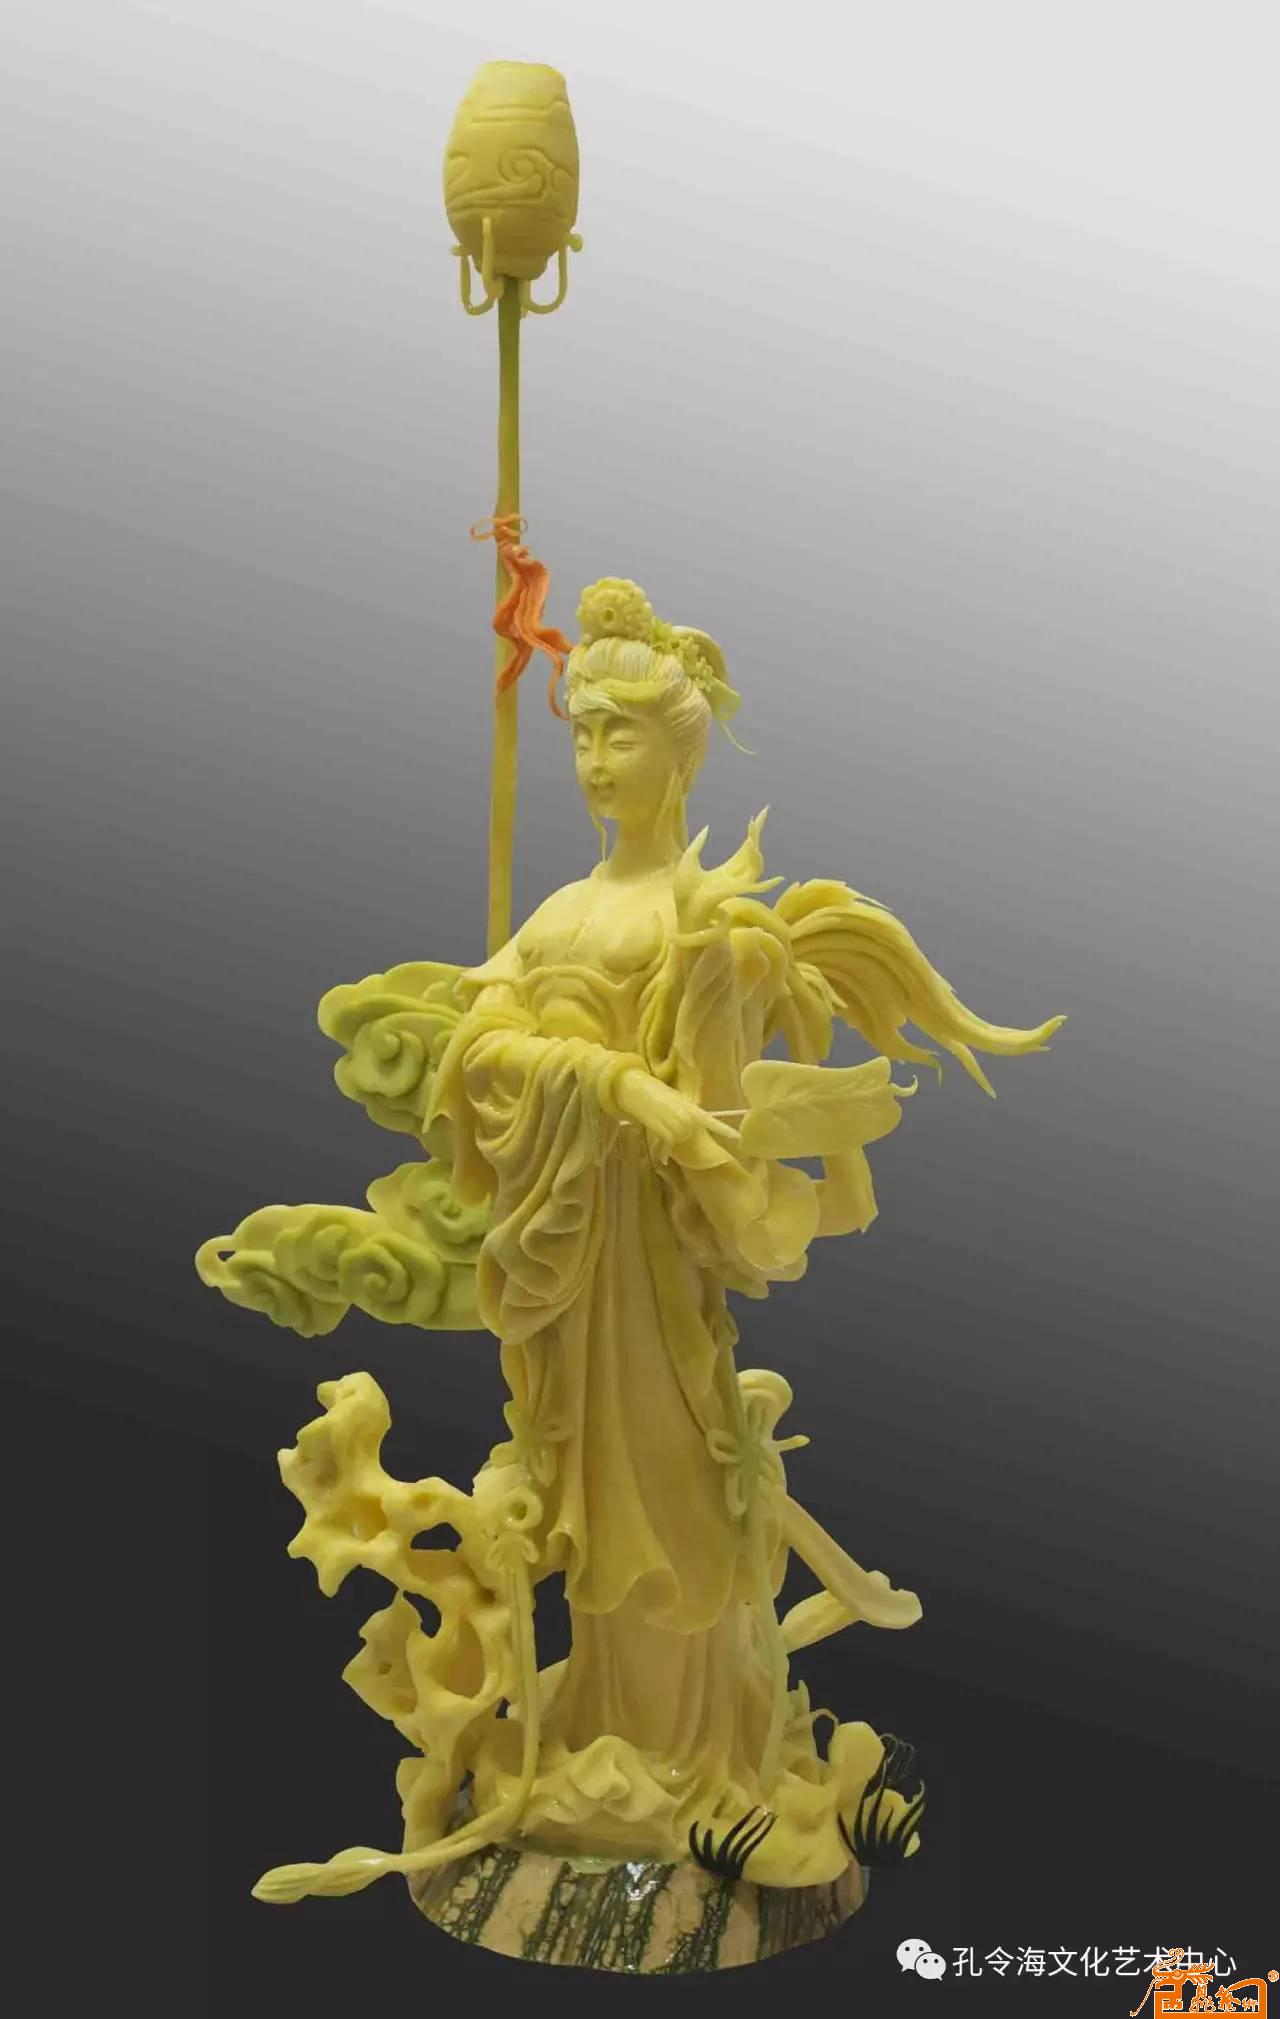 国画名家 孔令海 - 食品雕刻人物作品:《春宫仕女》 原料:南瓜